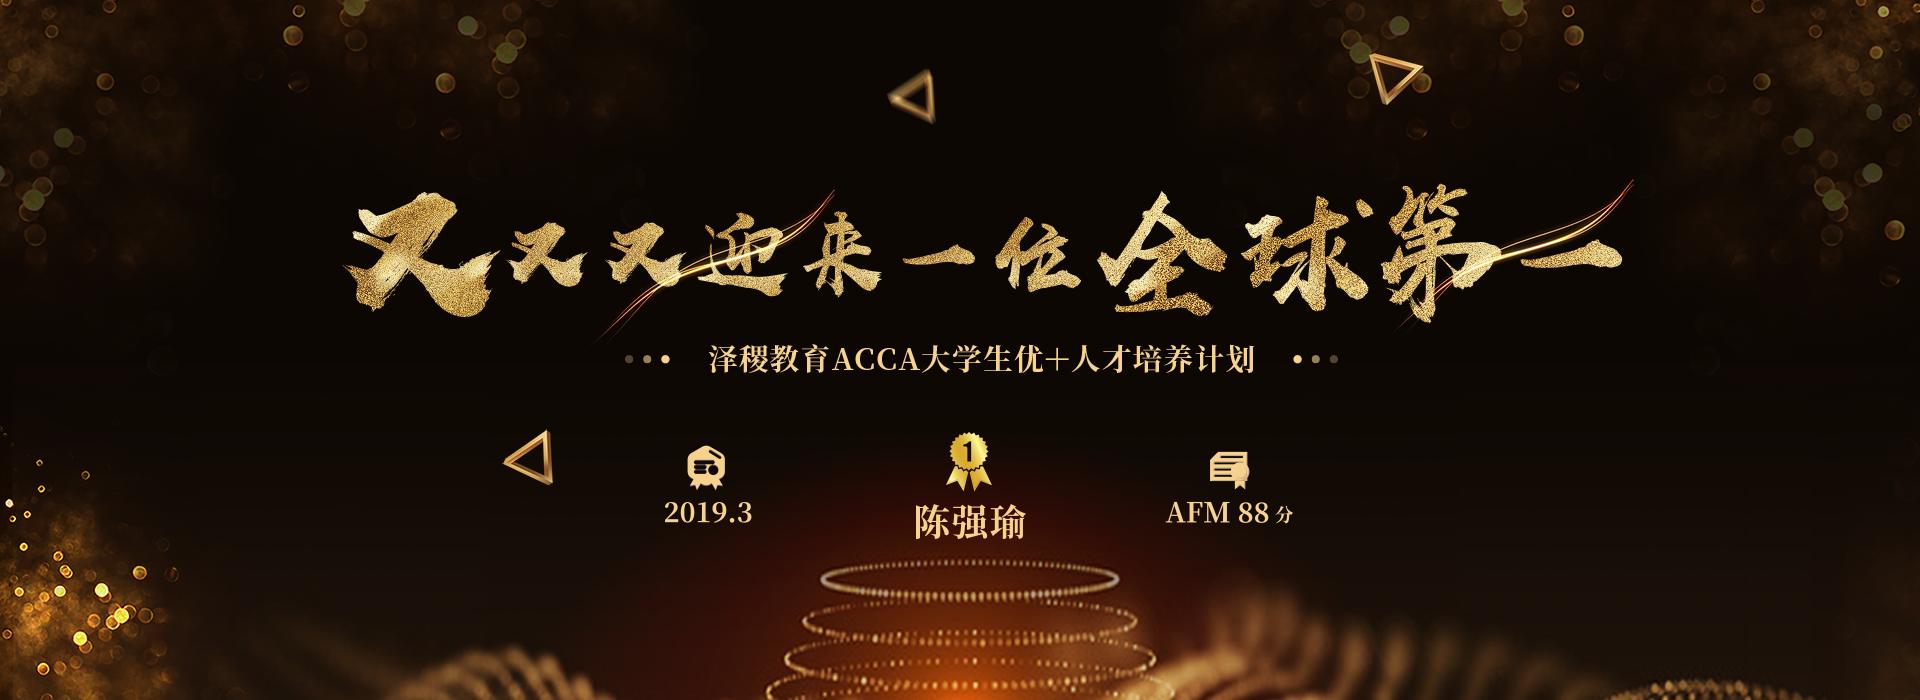 澤稷ACCA全球第一陳強瑜